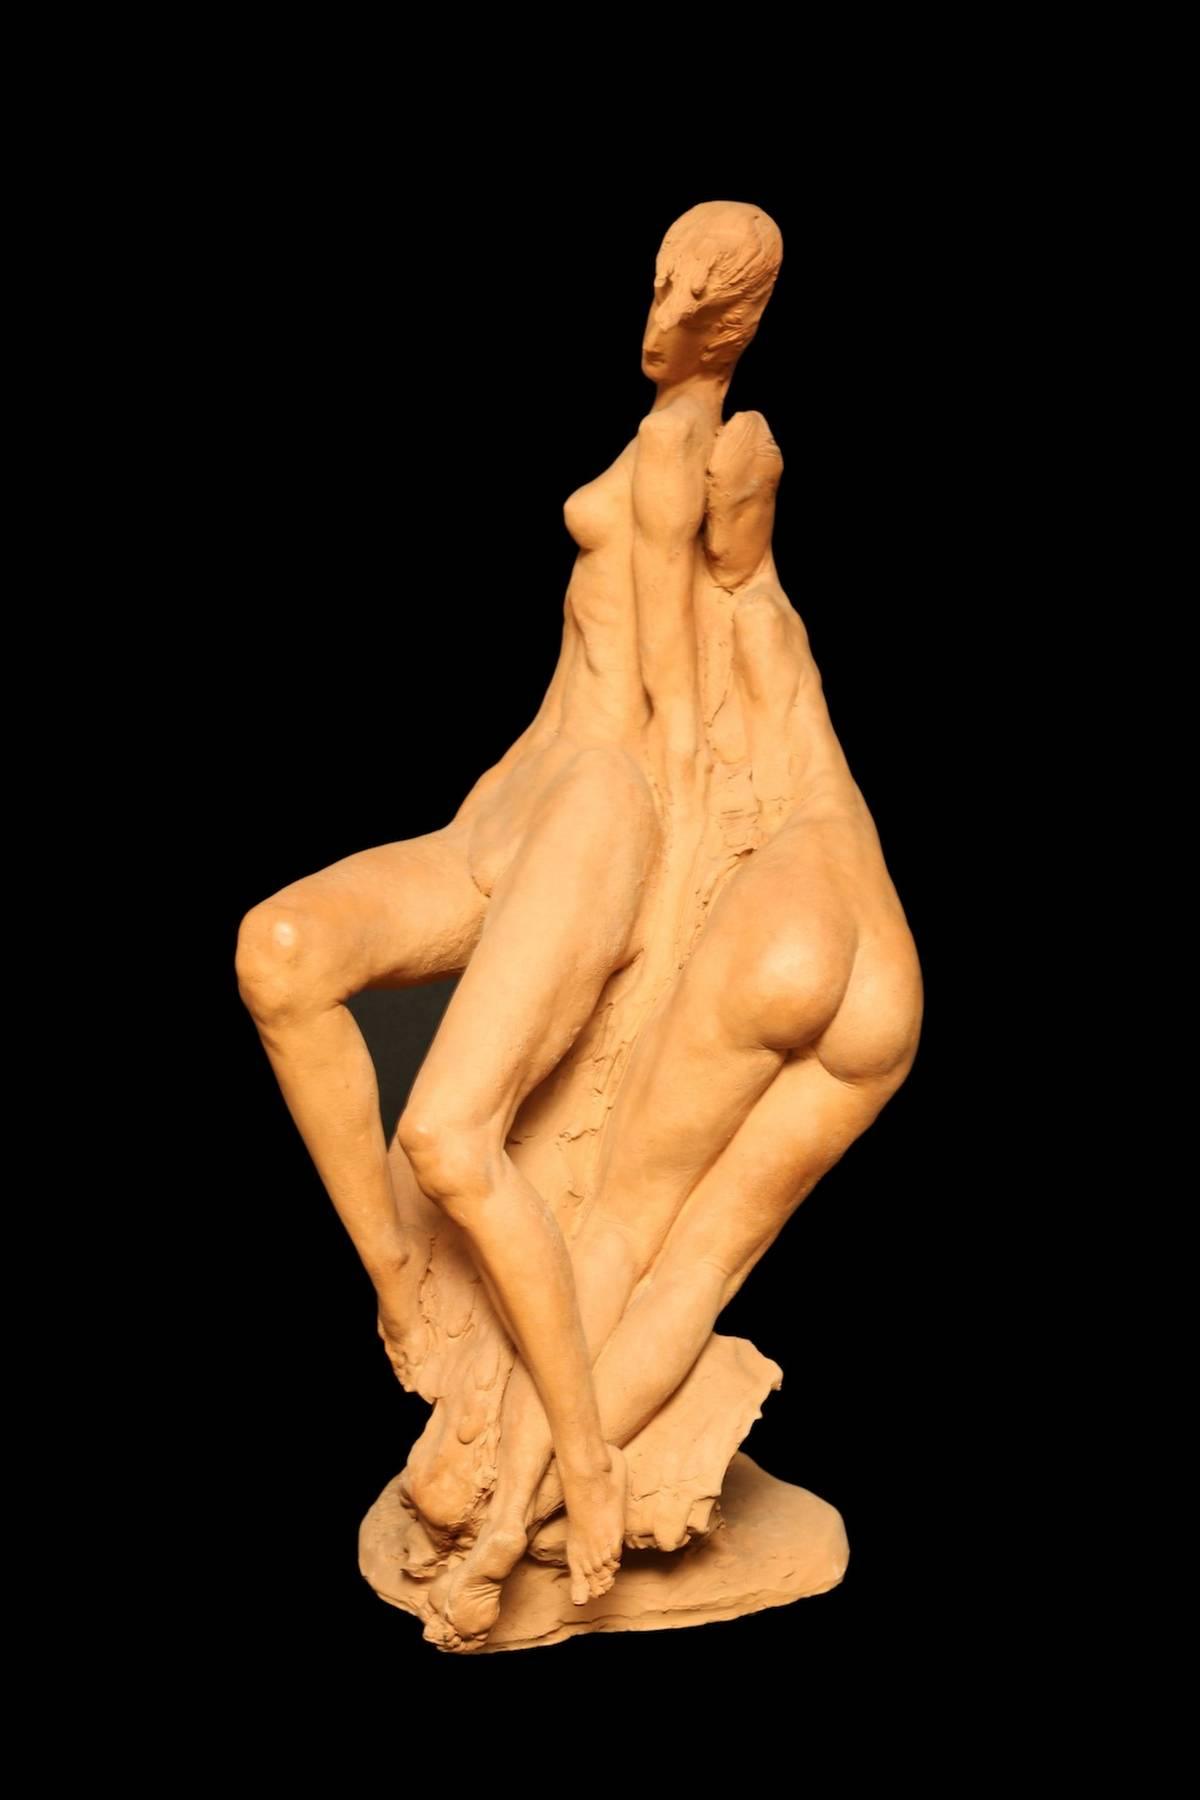 Aldo Falchi, 'Oltre l'amicizia', 1982, terracotta, cm 23x25x47,5h